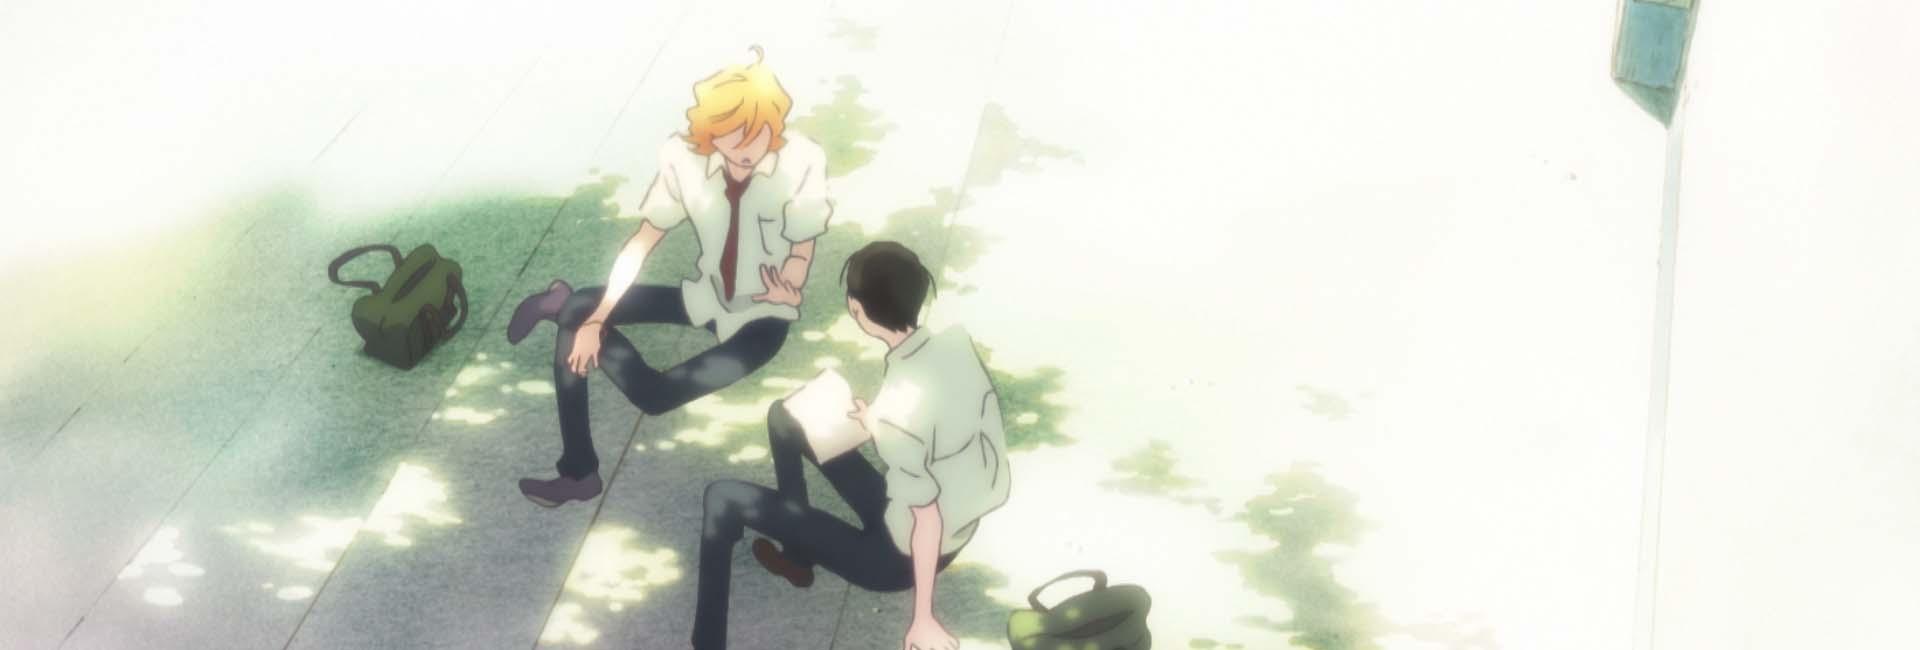 personagens principais de doukyuusei sentados debaixo de um árvore conversando